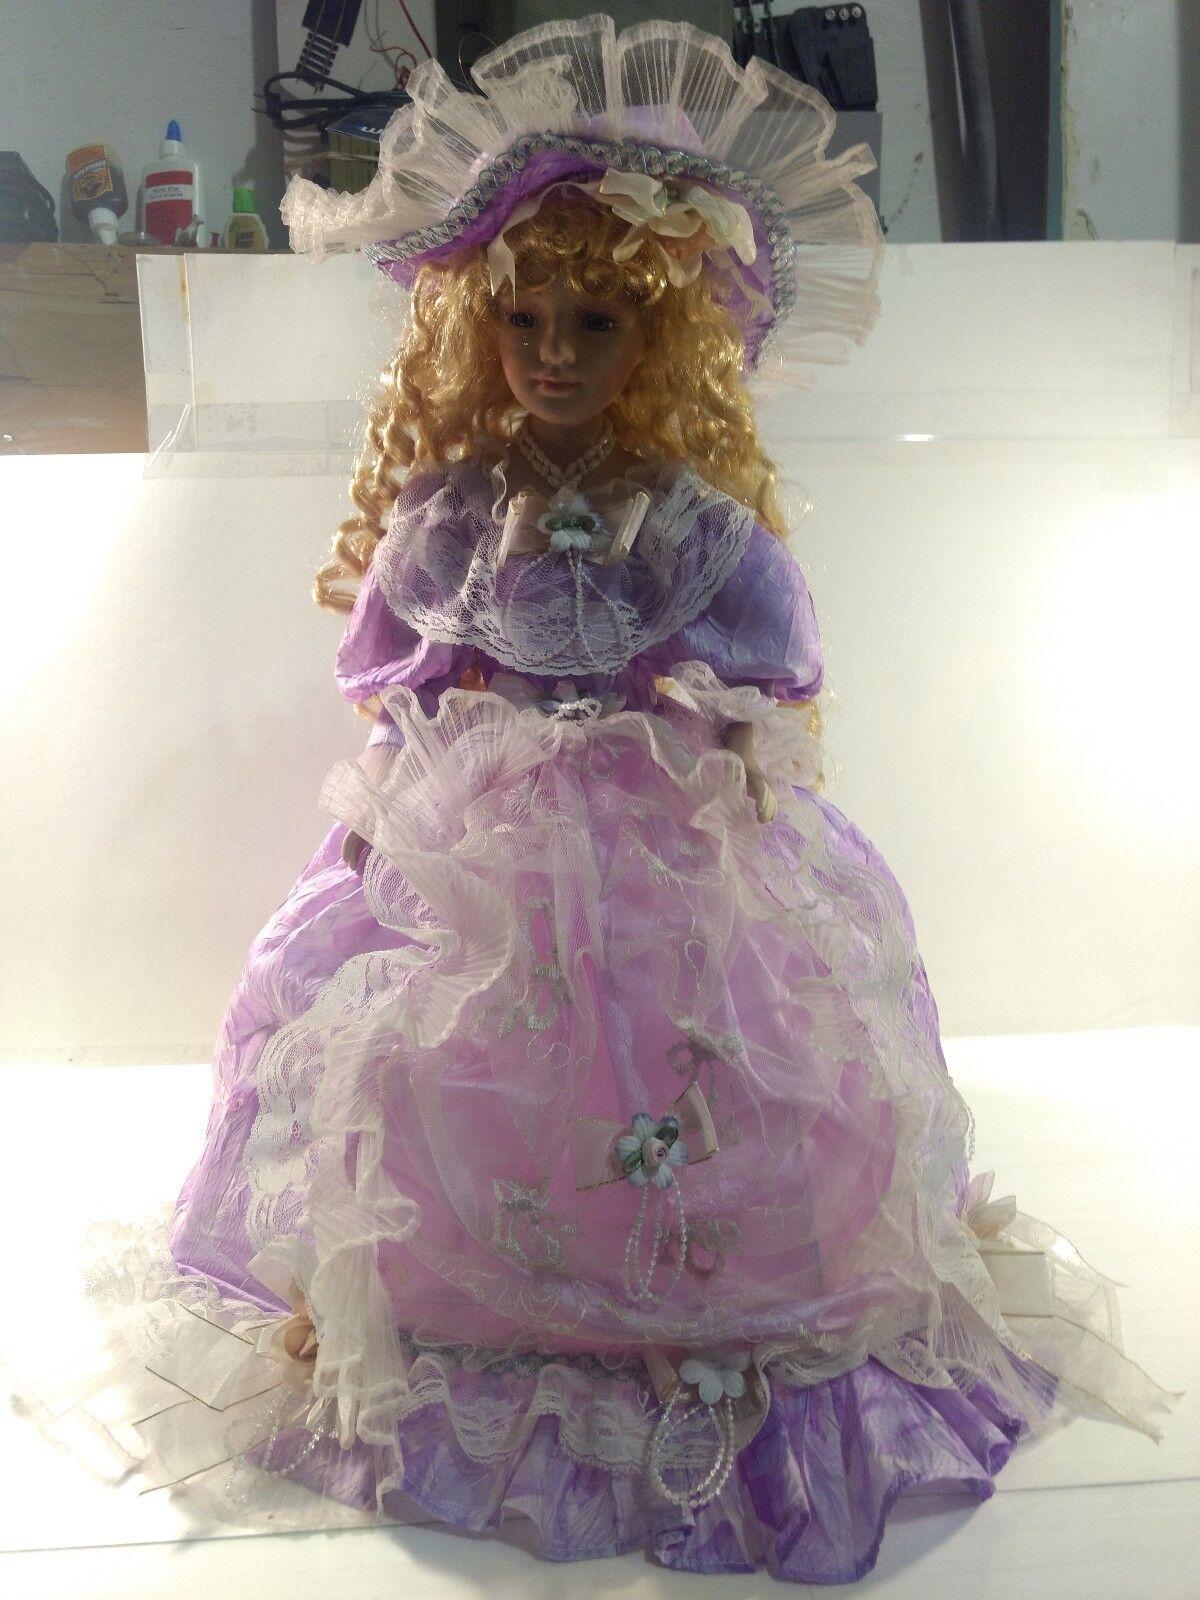 Victorian Style Porcelain Umbrella 21 Inch Doll In púrpura Dress Hat & Fan ds1332